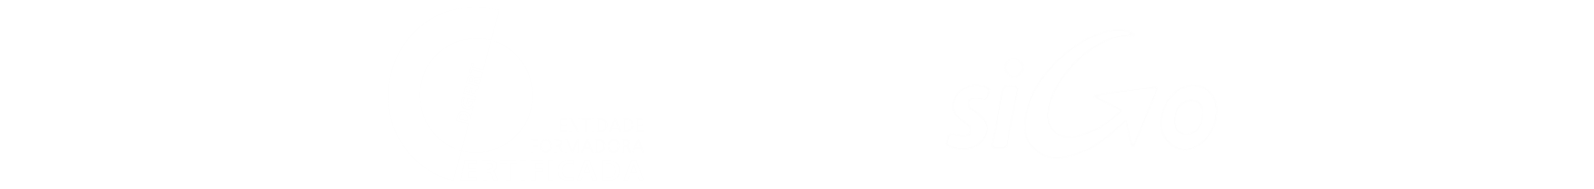 logos rodape